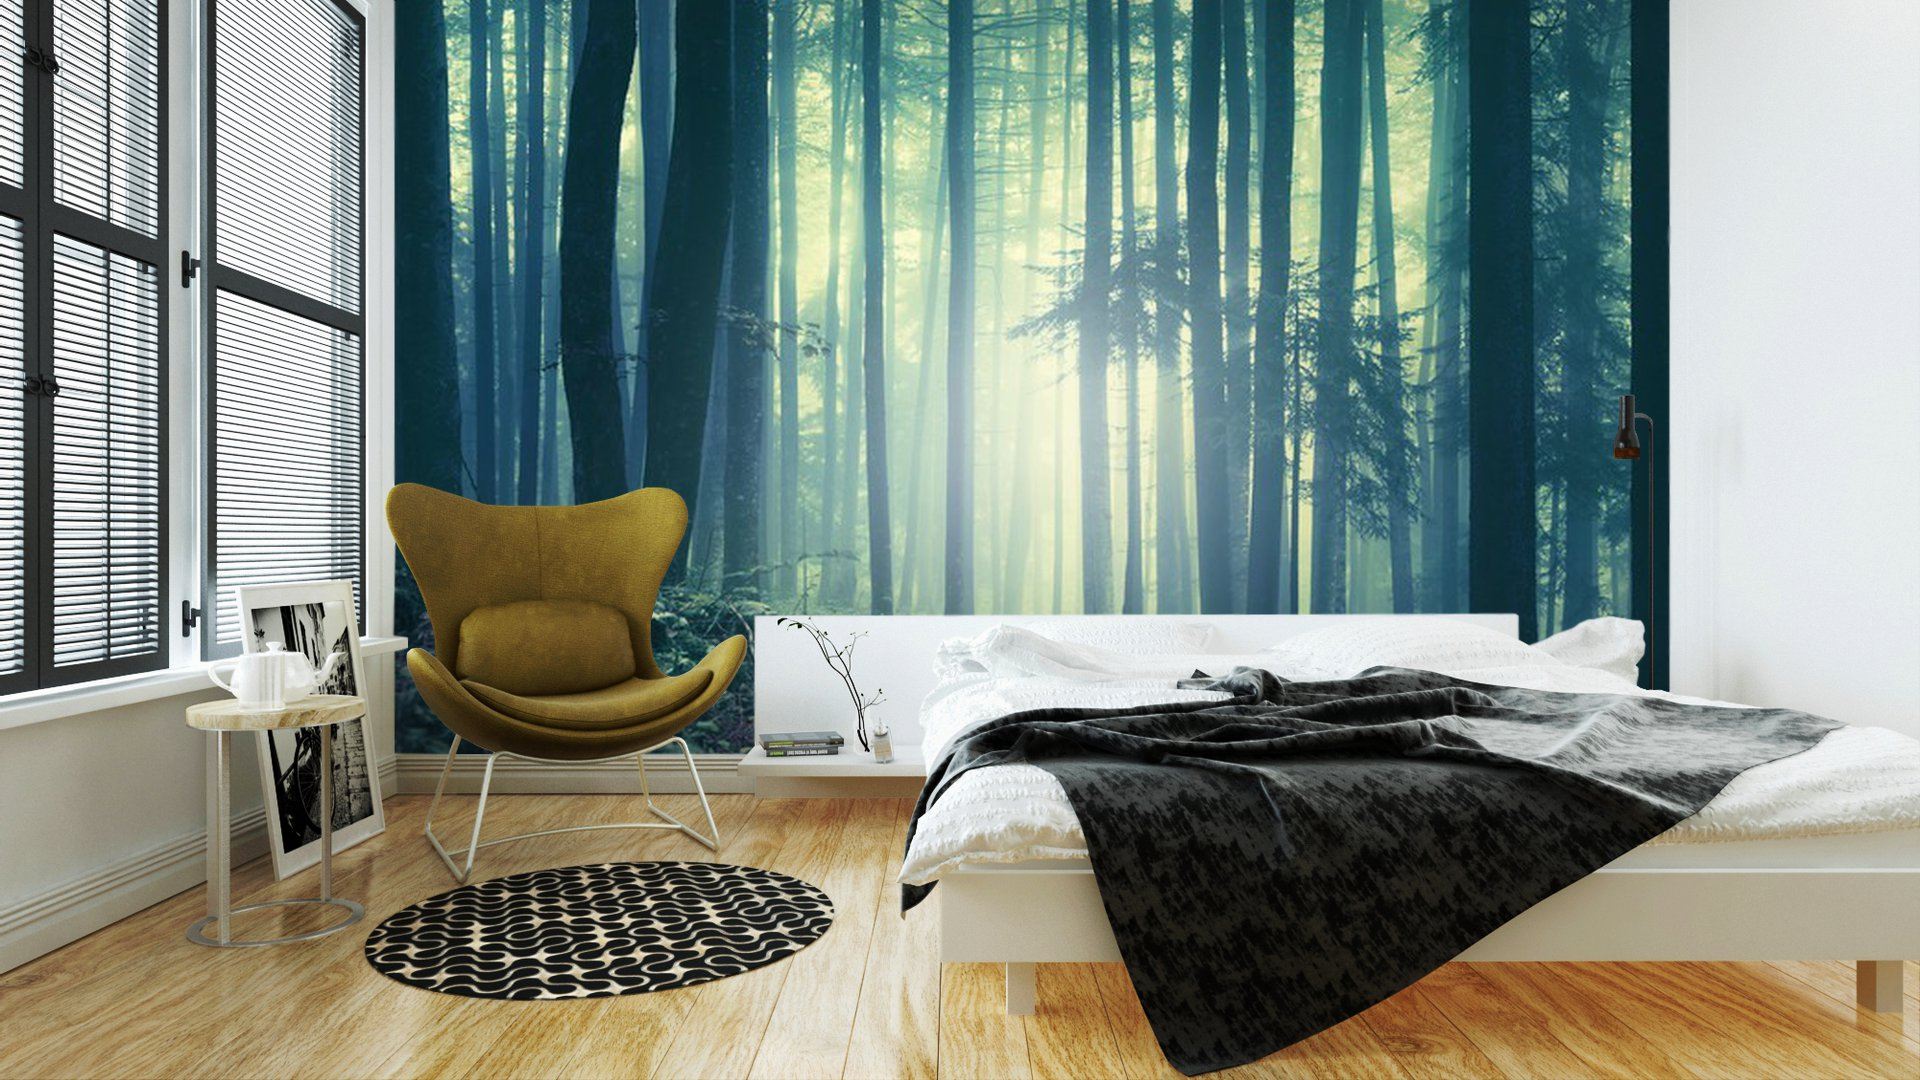 Fotobehang In Slaapkamer : Fotobehang in de slaapkamer